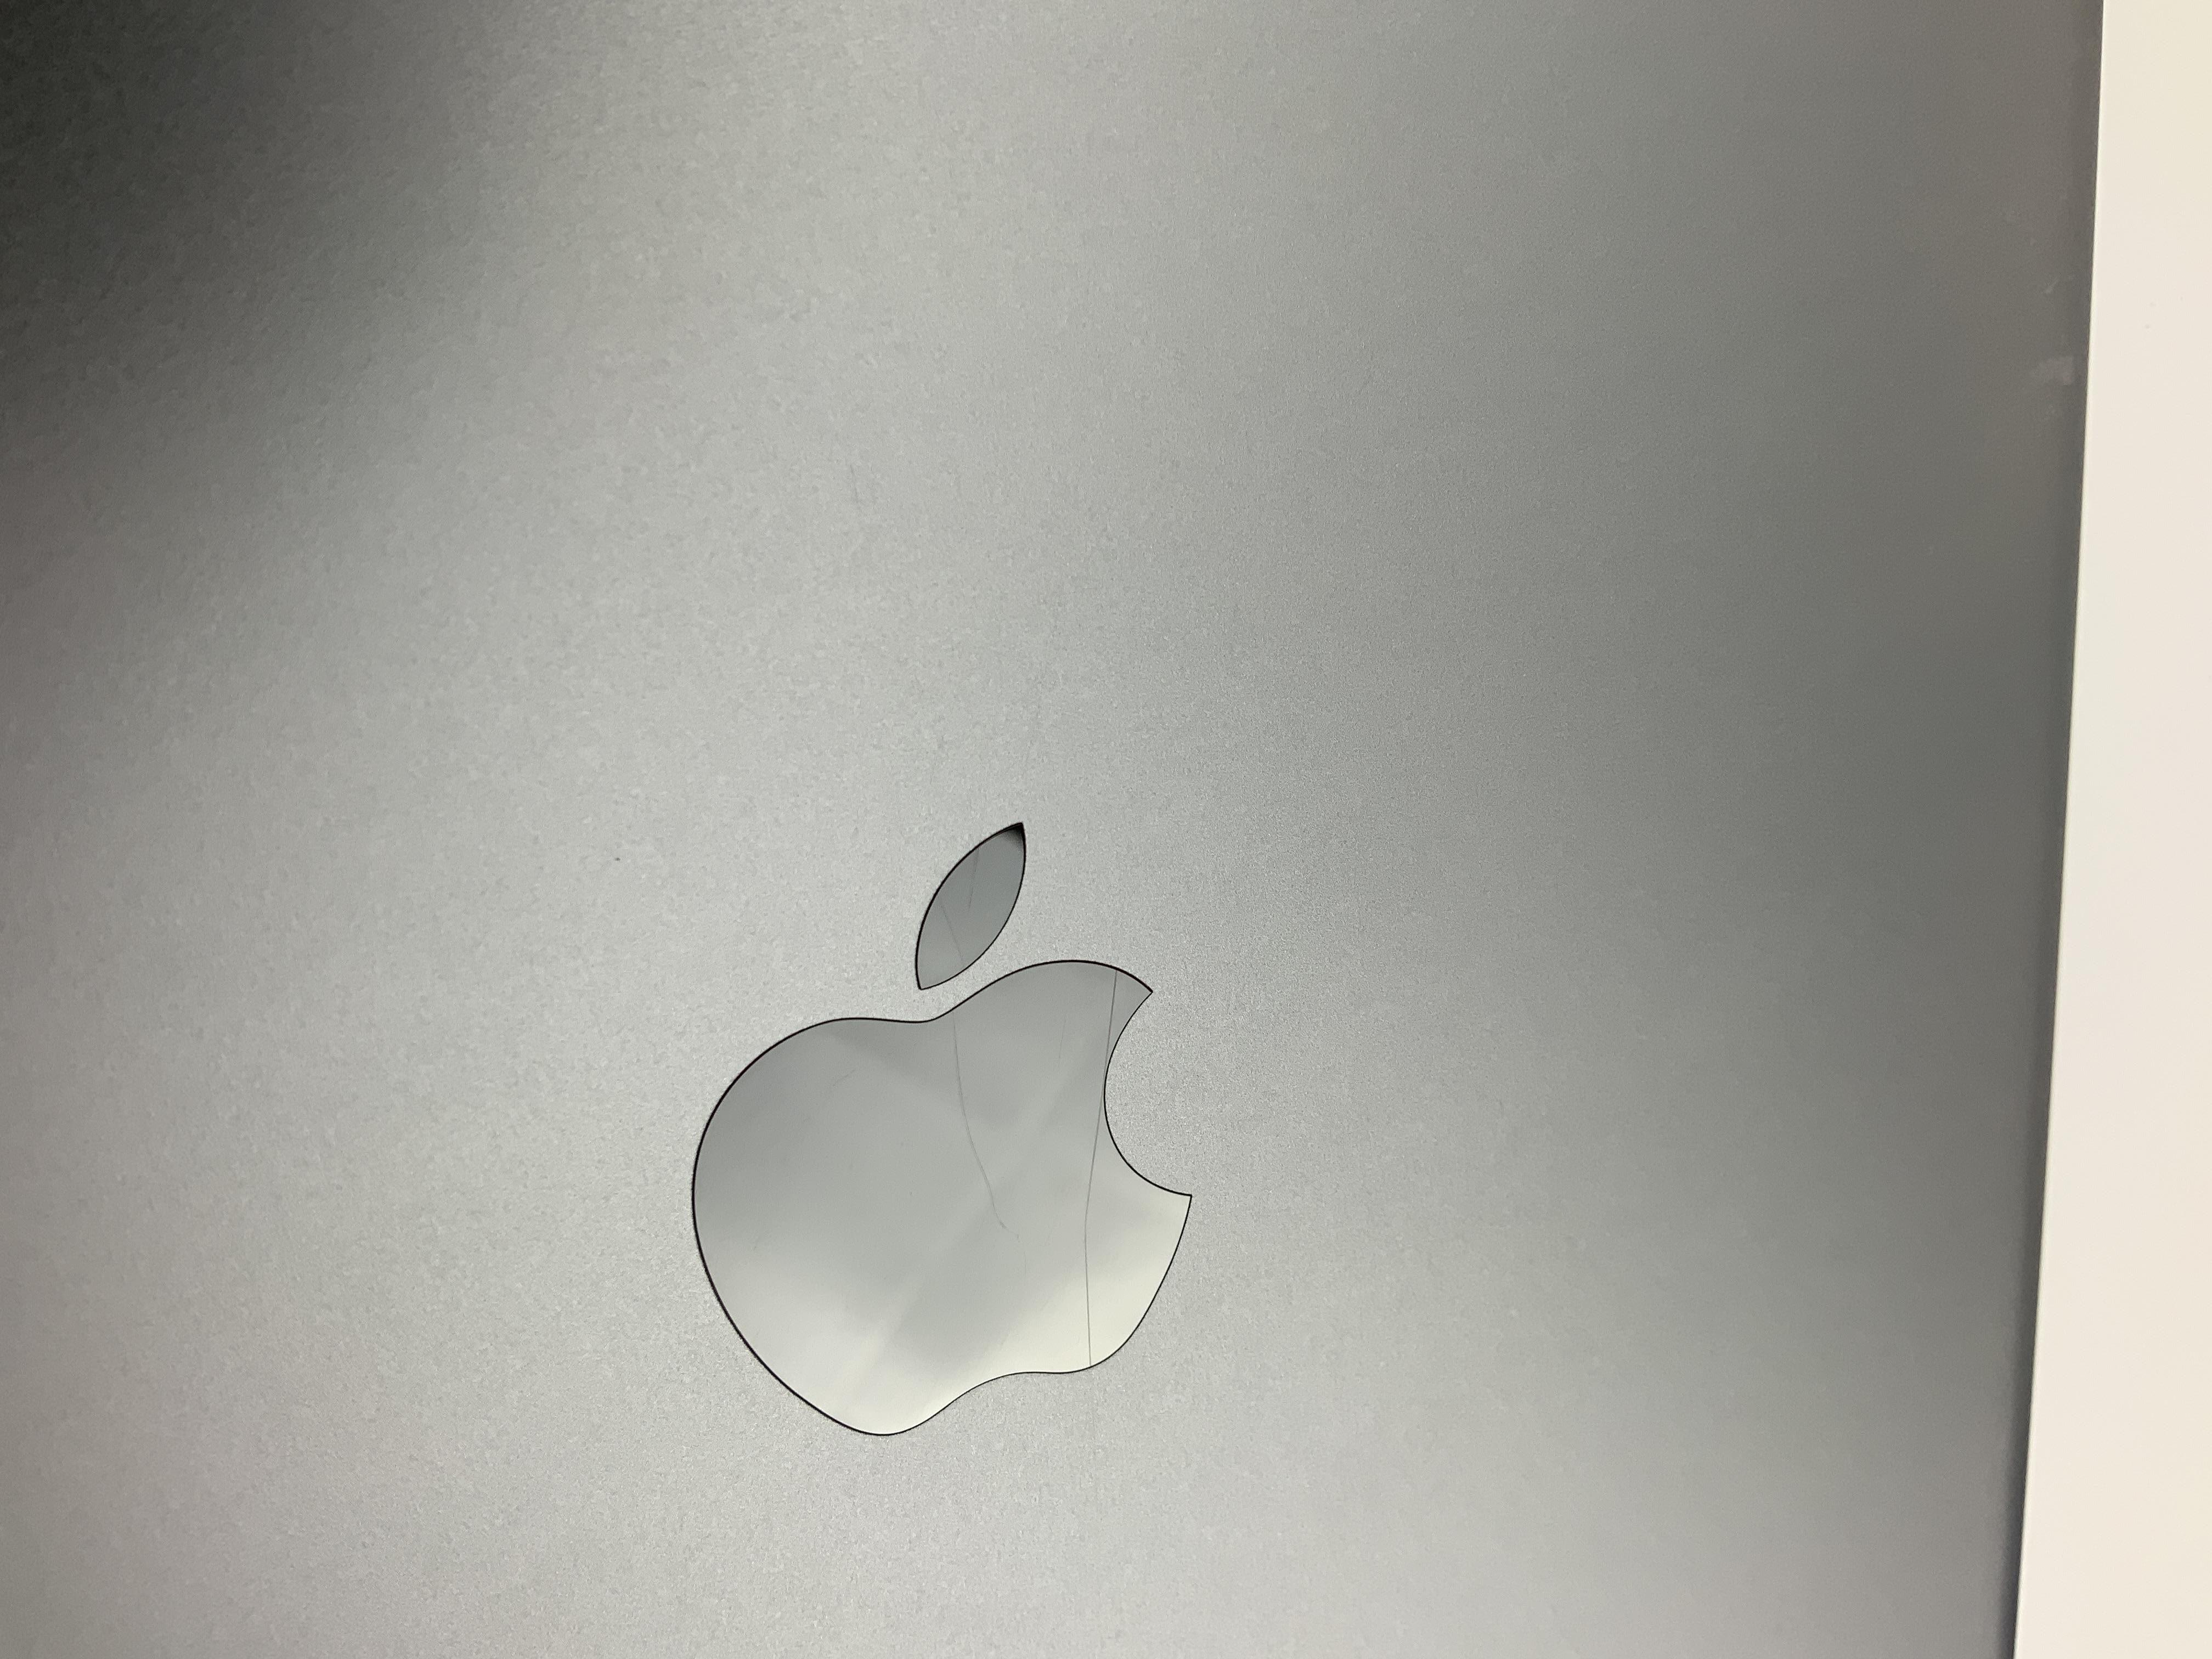 iPad 6 Wi-Fi 32GB, 32GB, Space Gray, image 5